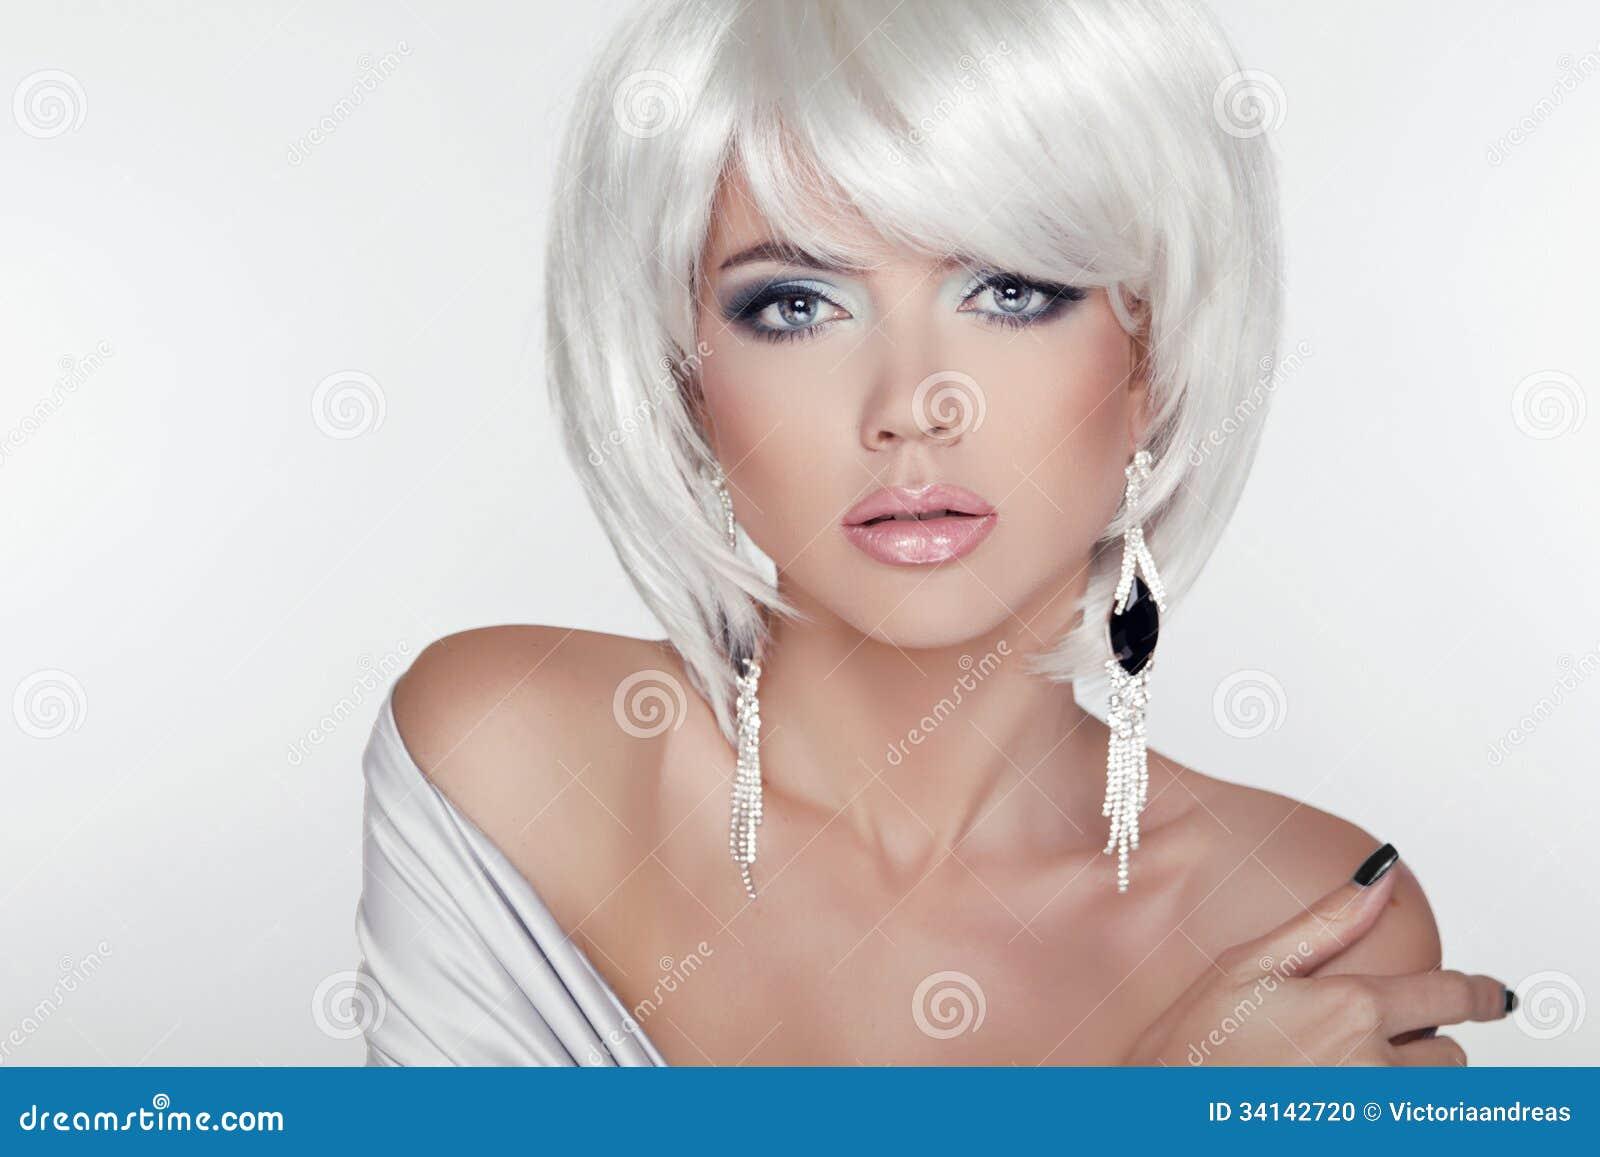 Beauté : Maquillage, cheveux, soins et mode